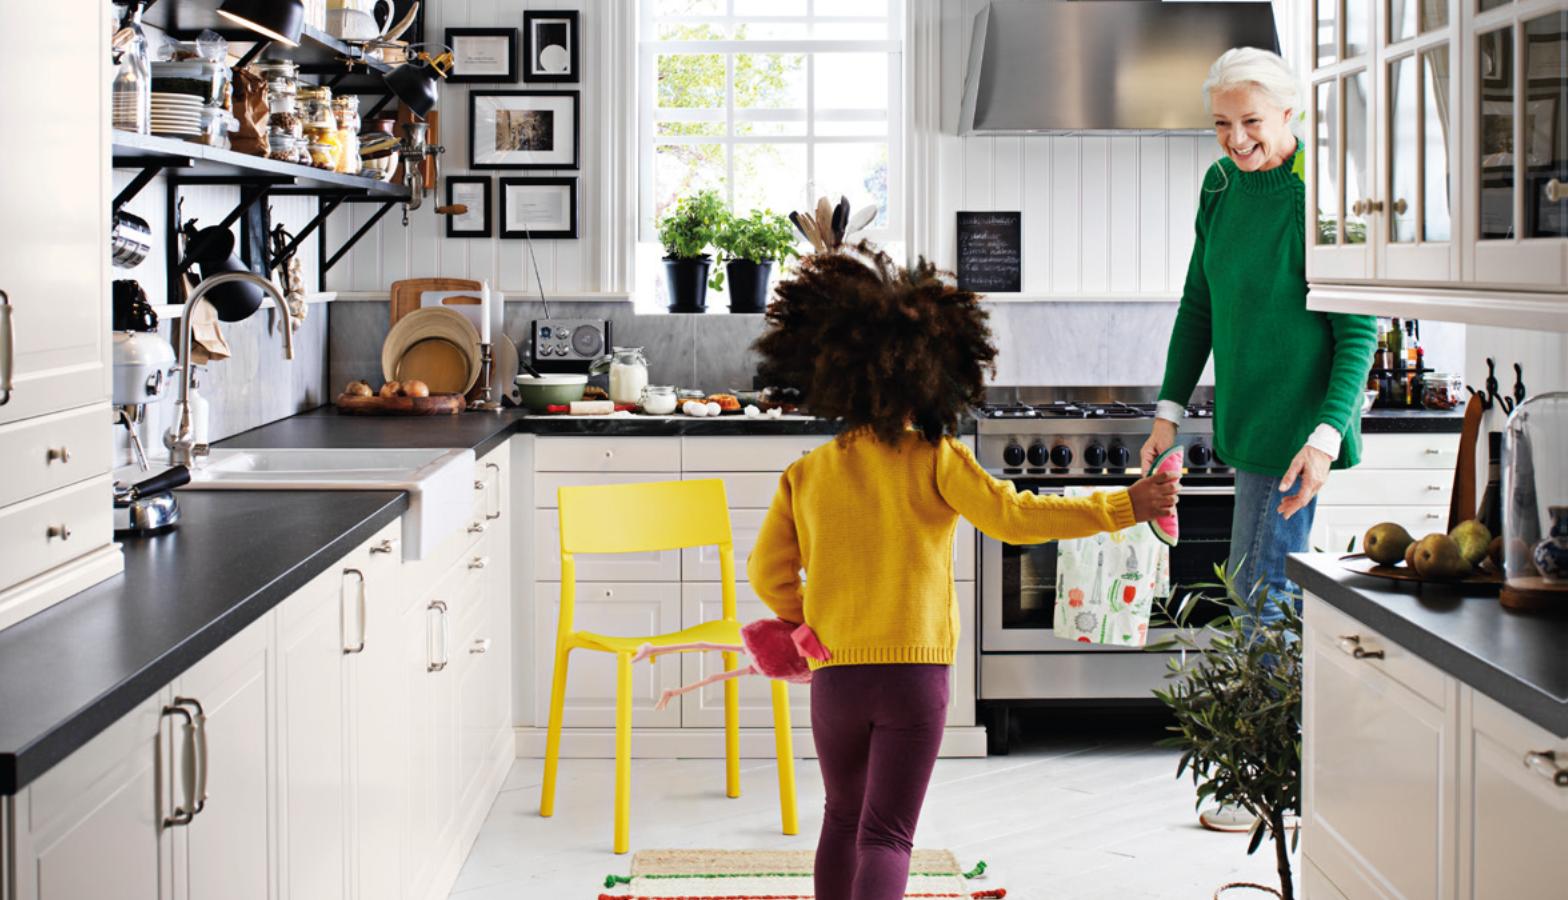 Stabilny wzrost Grupy IKEA umożliwi kolejne inwestycje  w sprzedaż wielokanałową oraz zrównoważony rozwój